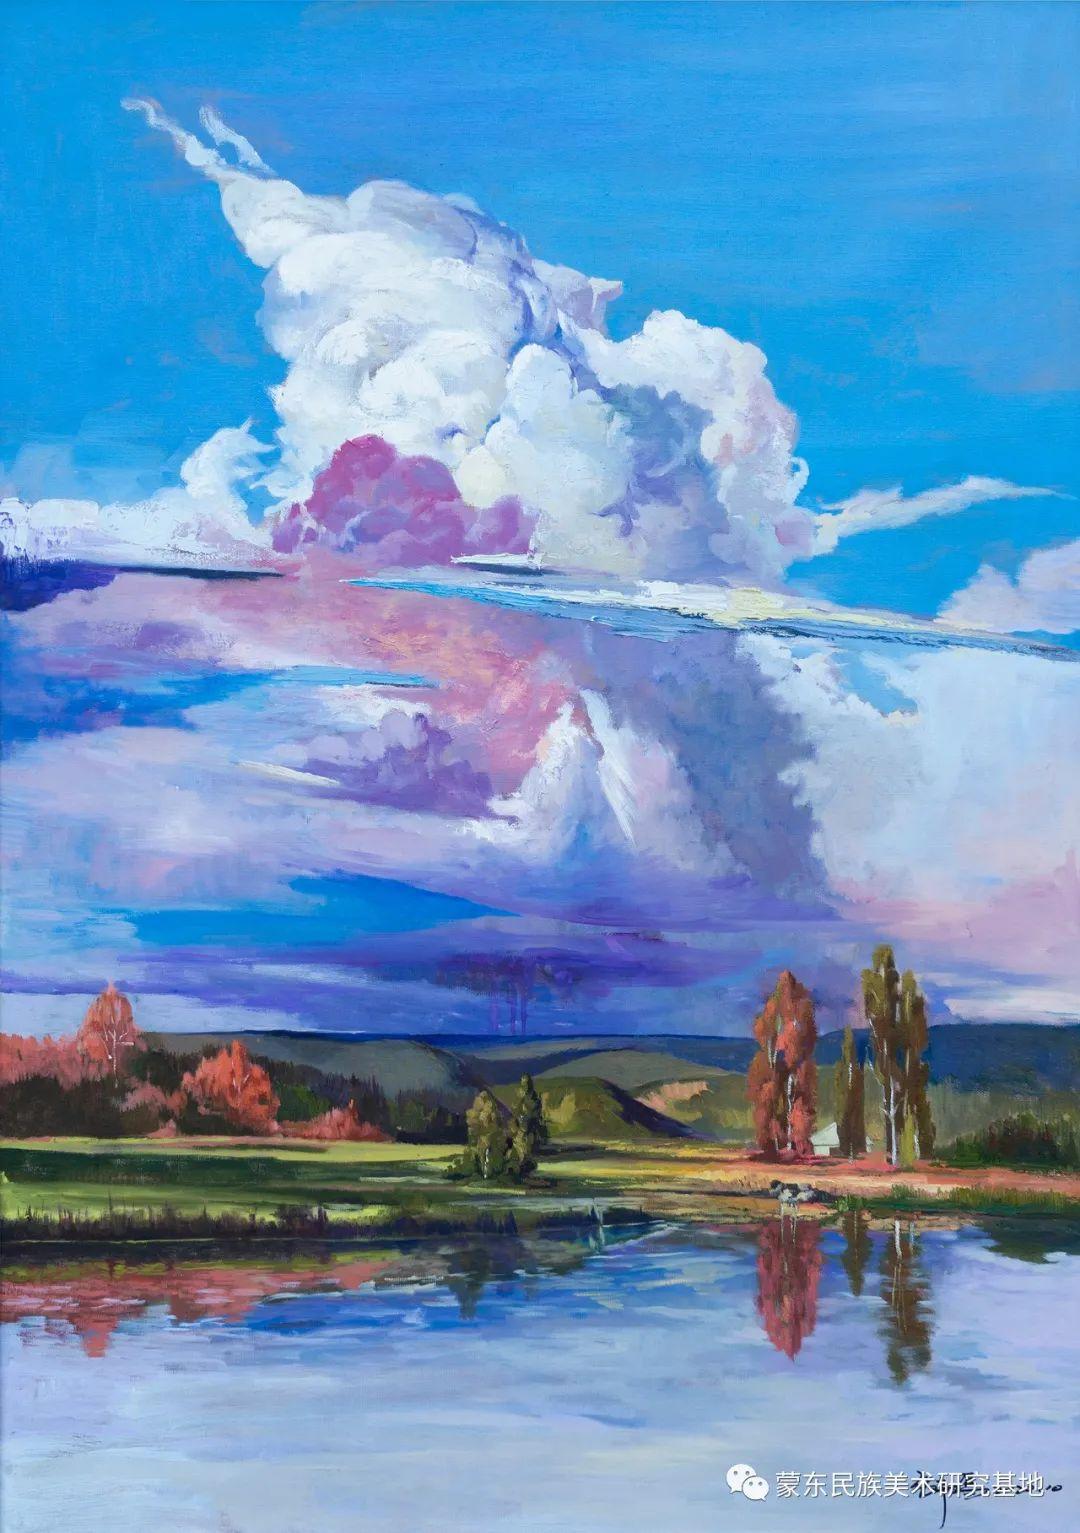 科尔沁首届油画展作品集 第47张 科尔沁首届油画展作品集 蒙古画廊